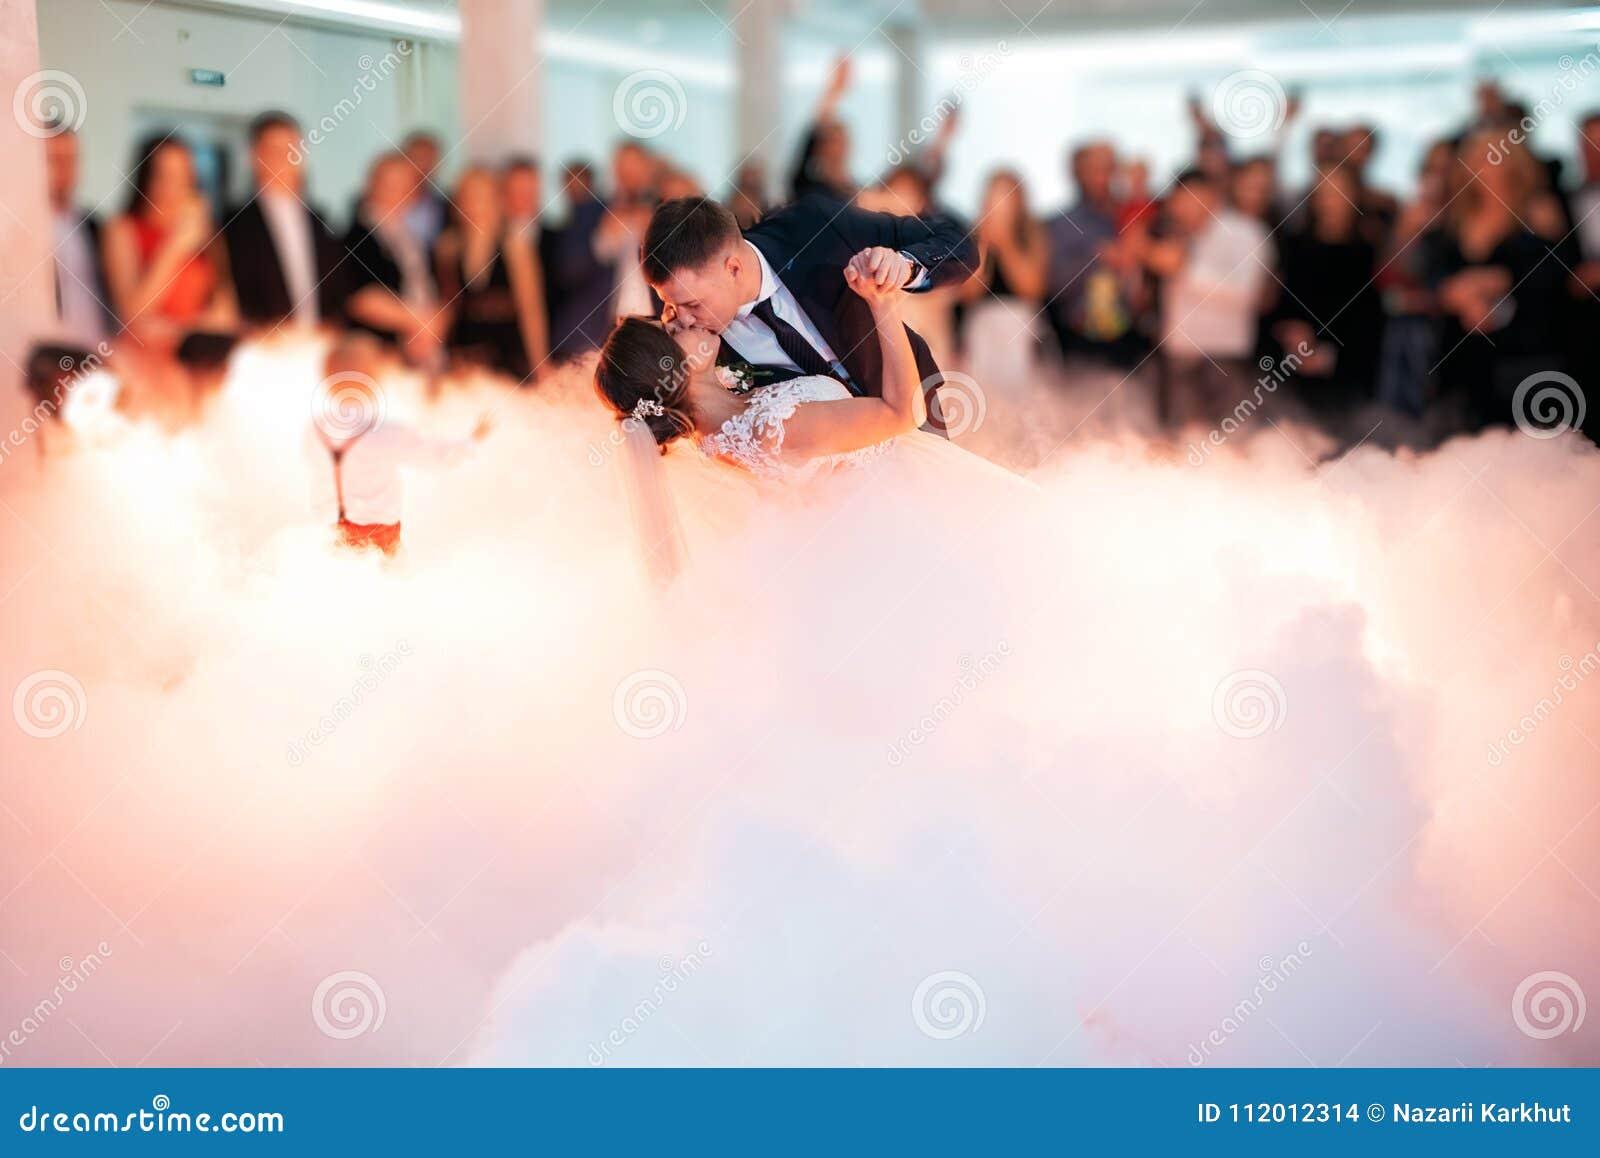 Schöne Braut und hübscher Bräutigam, die zuerst Tanz am Hochzeitsfest tanzt